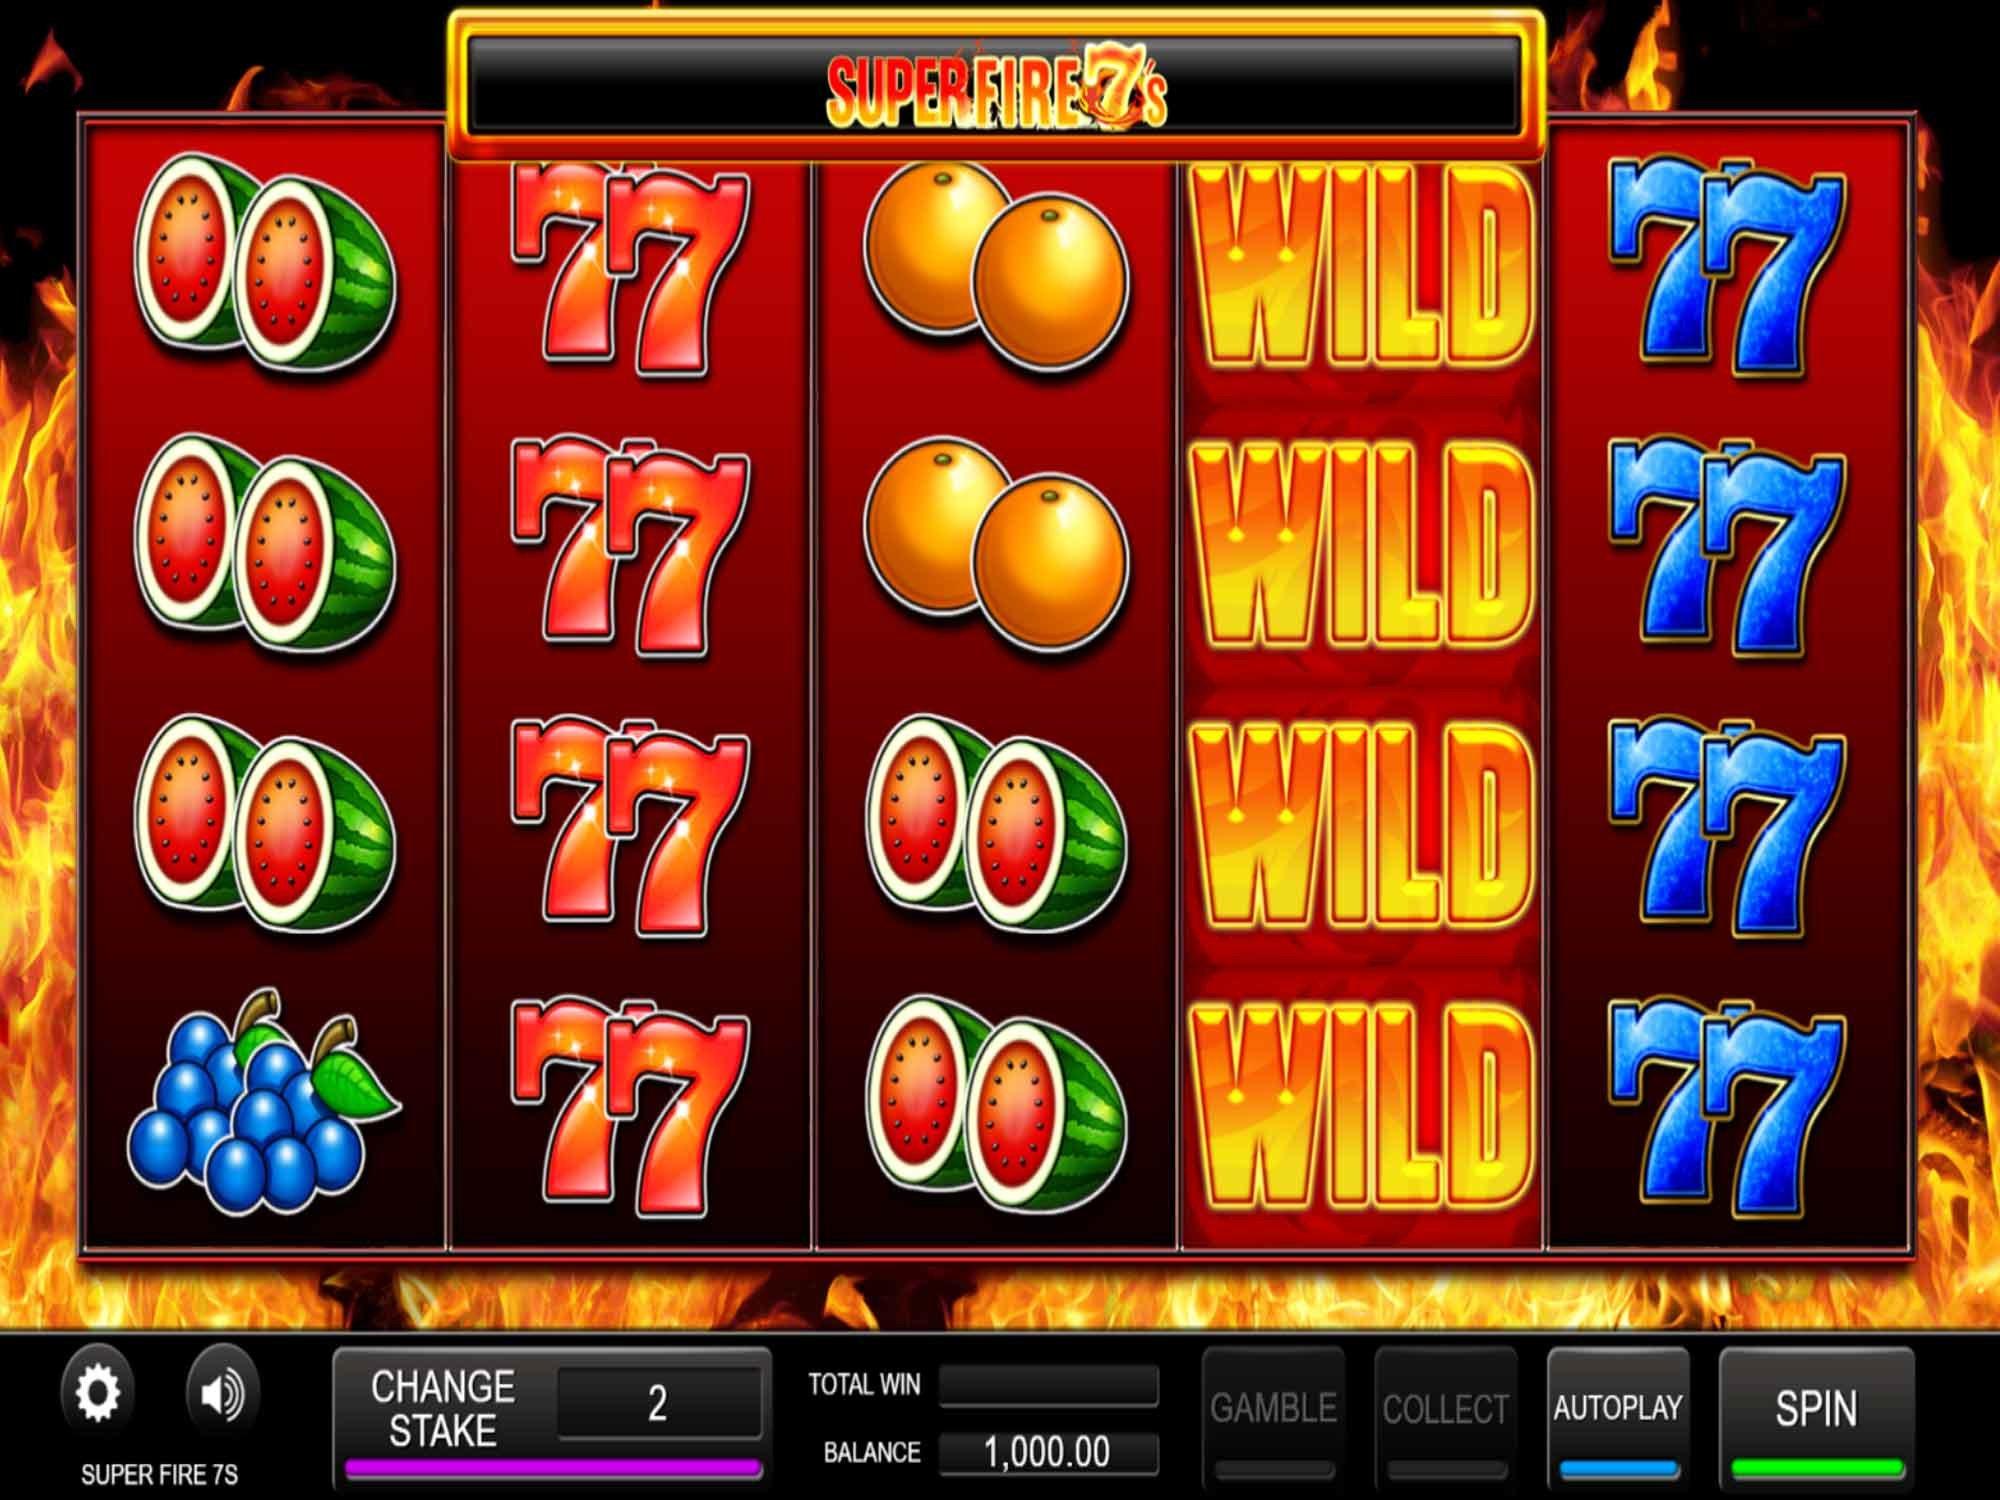 Super Fire 7's at conquer casino